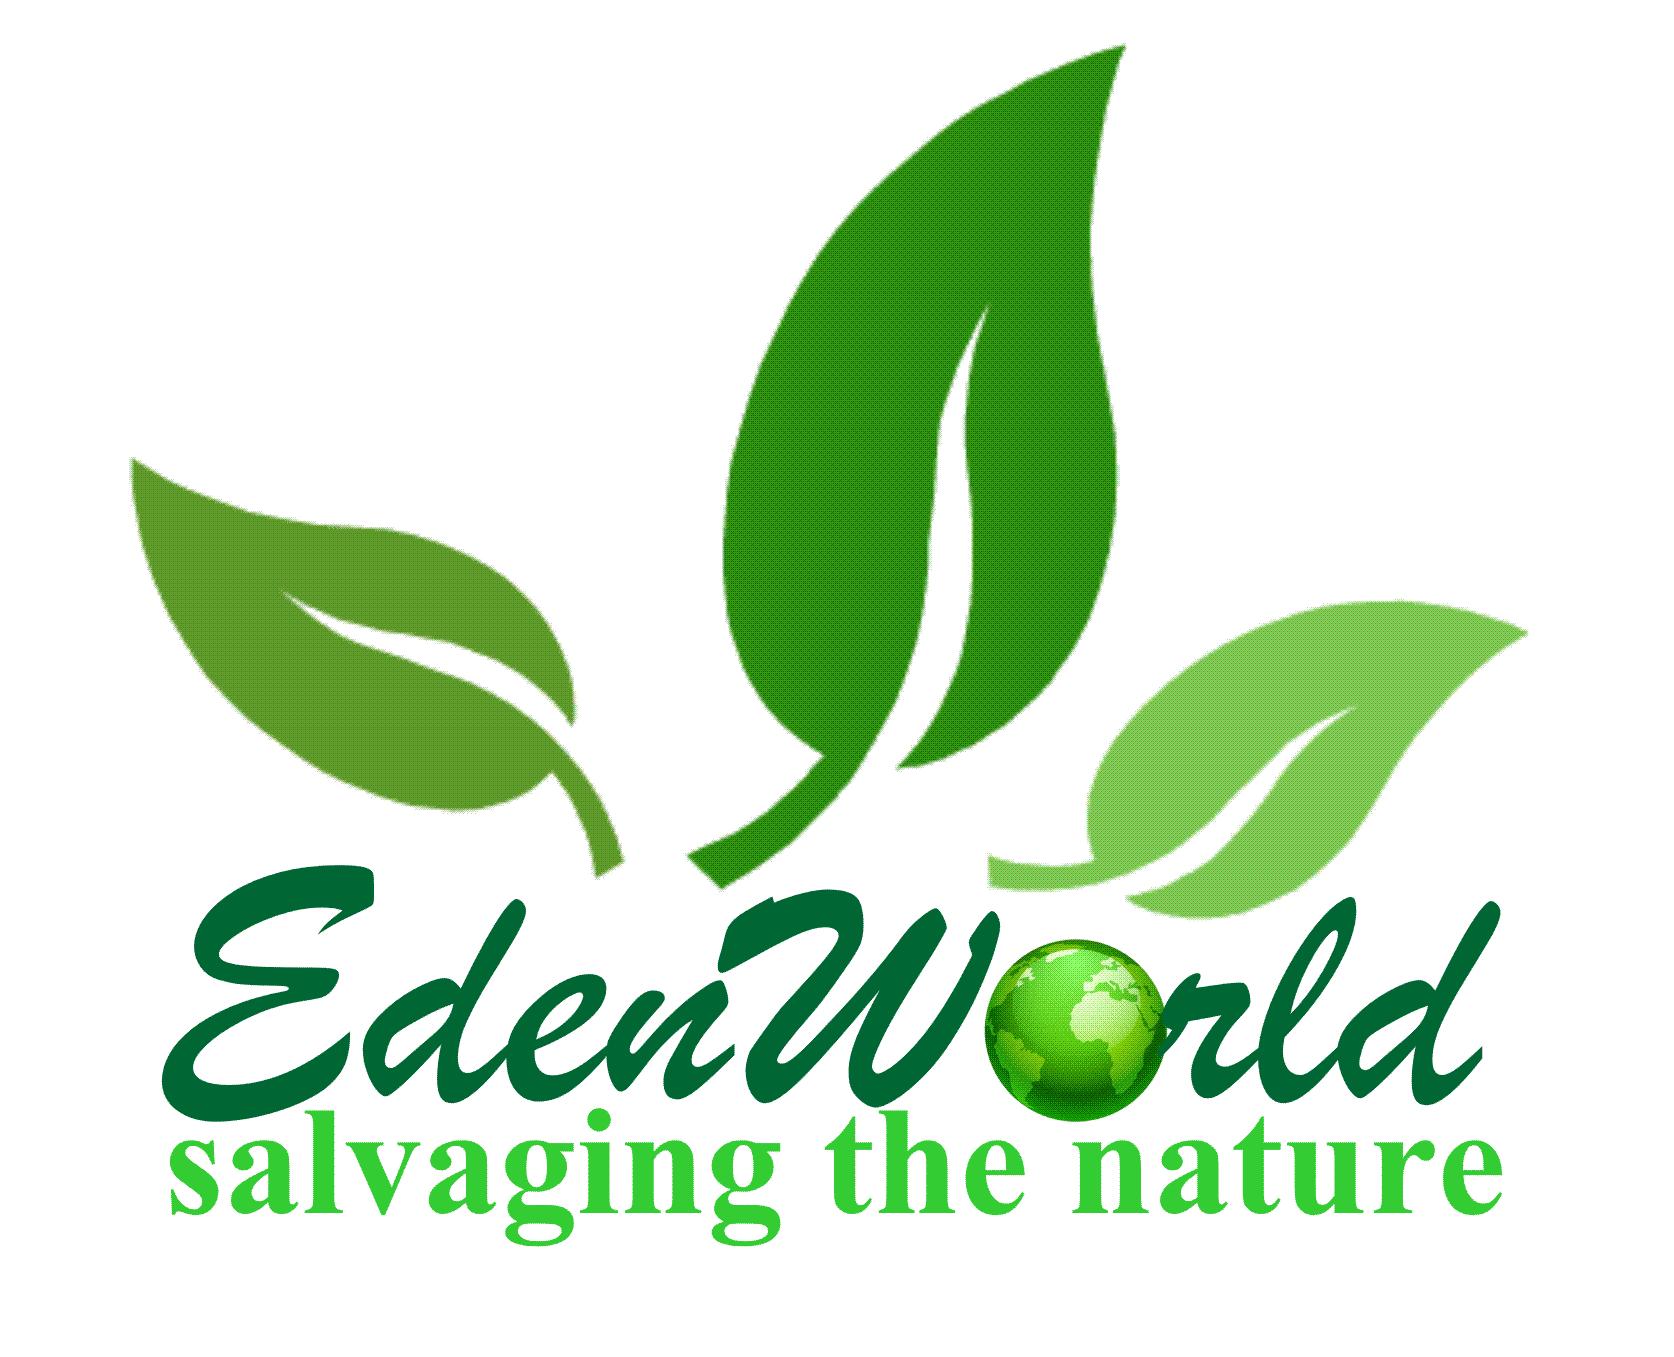 Edenworld